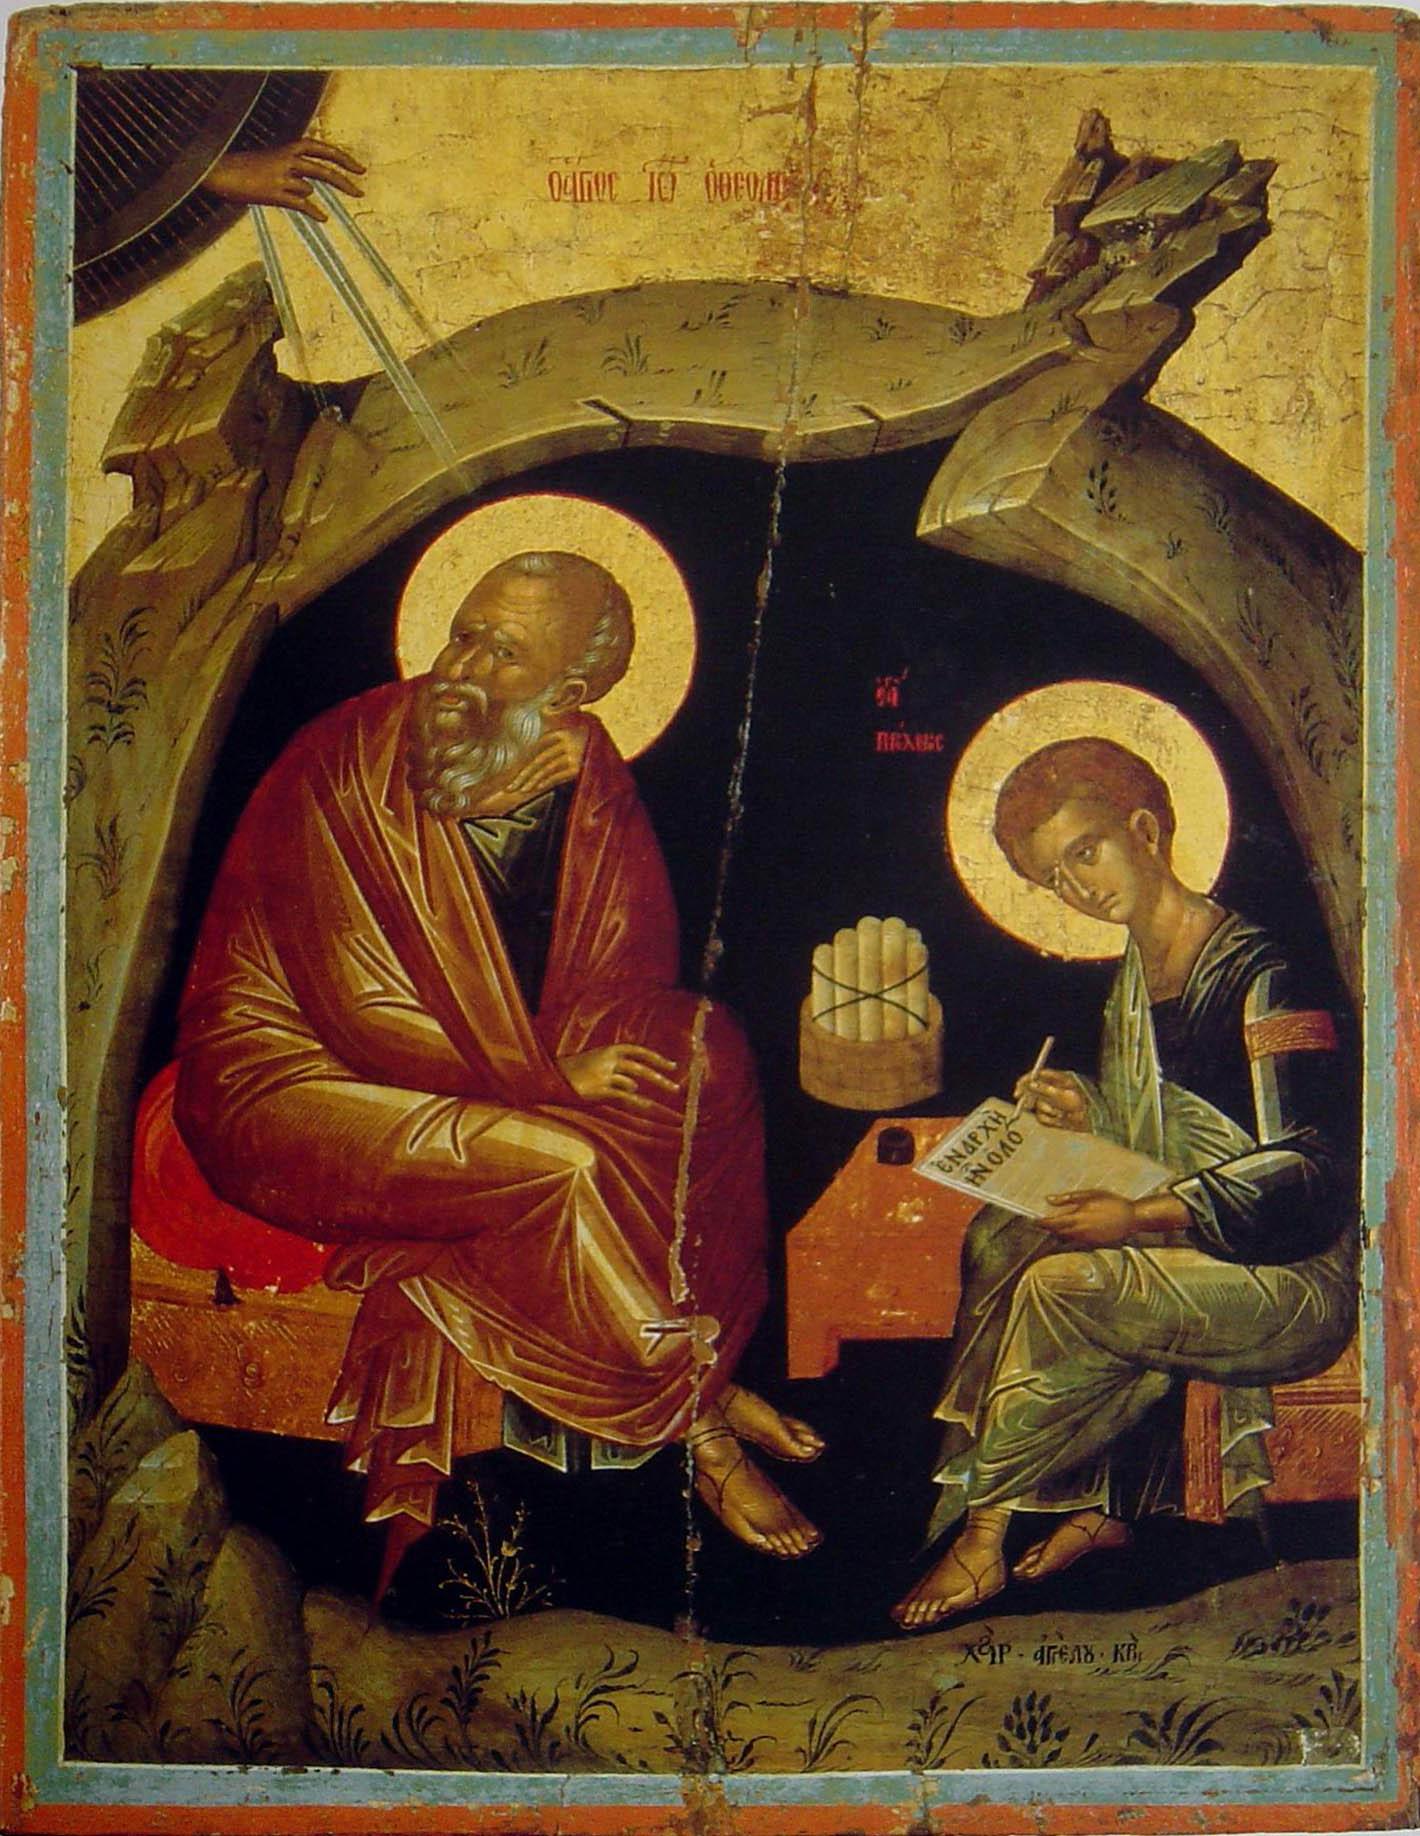 Византия (2 Часть). Иконы Византии (421 ...: nevsepic.com.ua/religiya/page,10,21647-vizantiya-2-chast.-ikony...